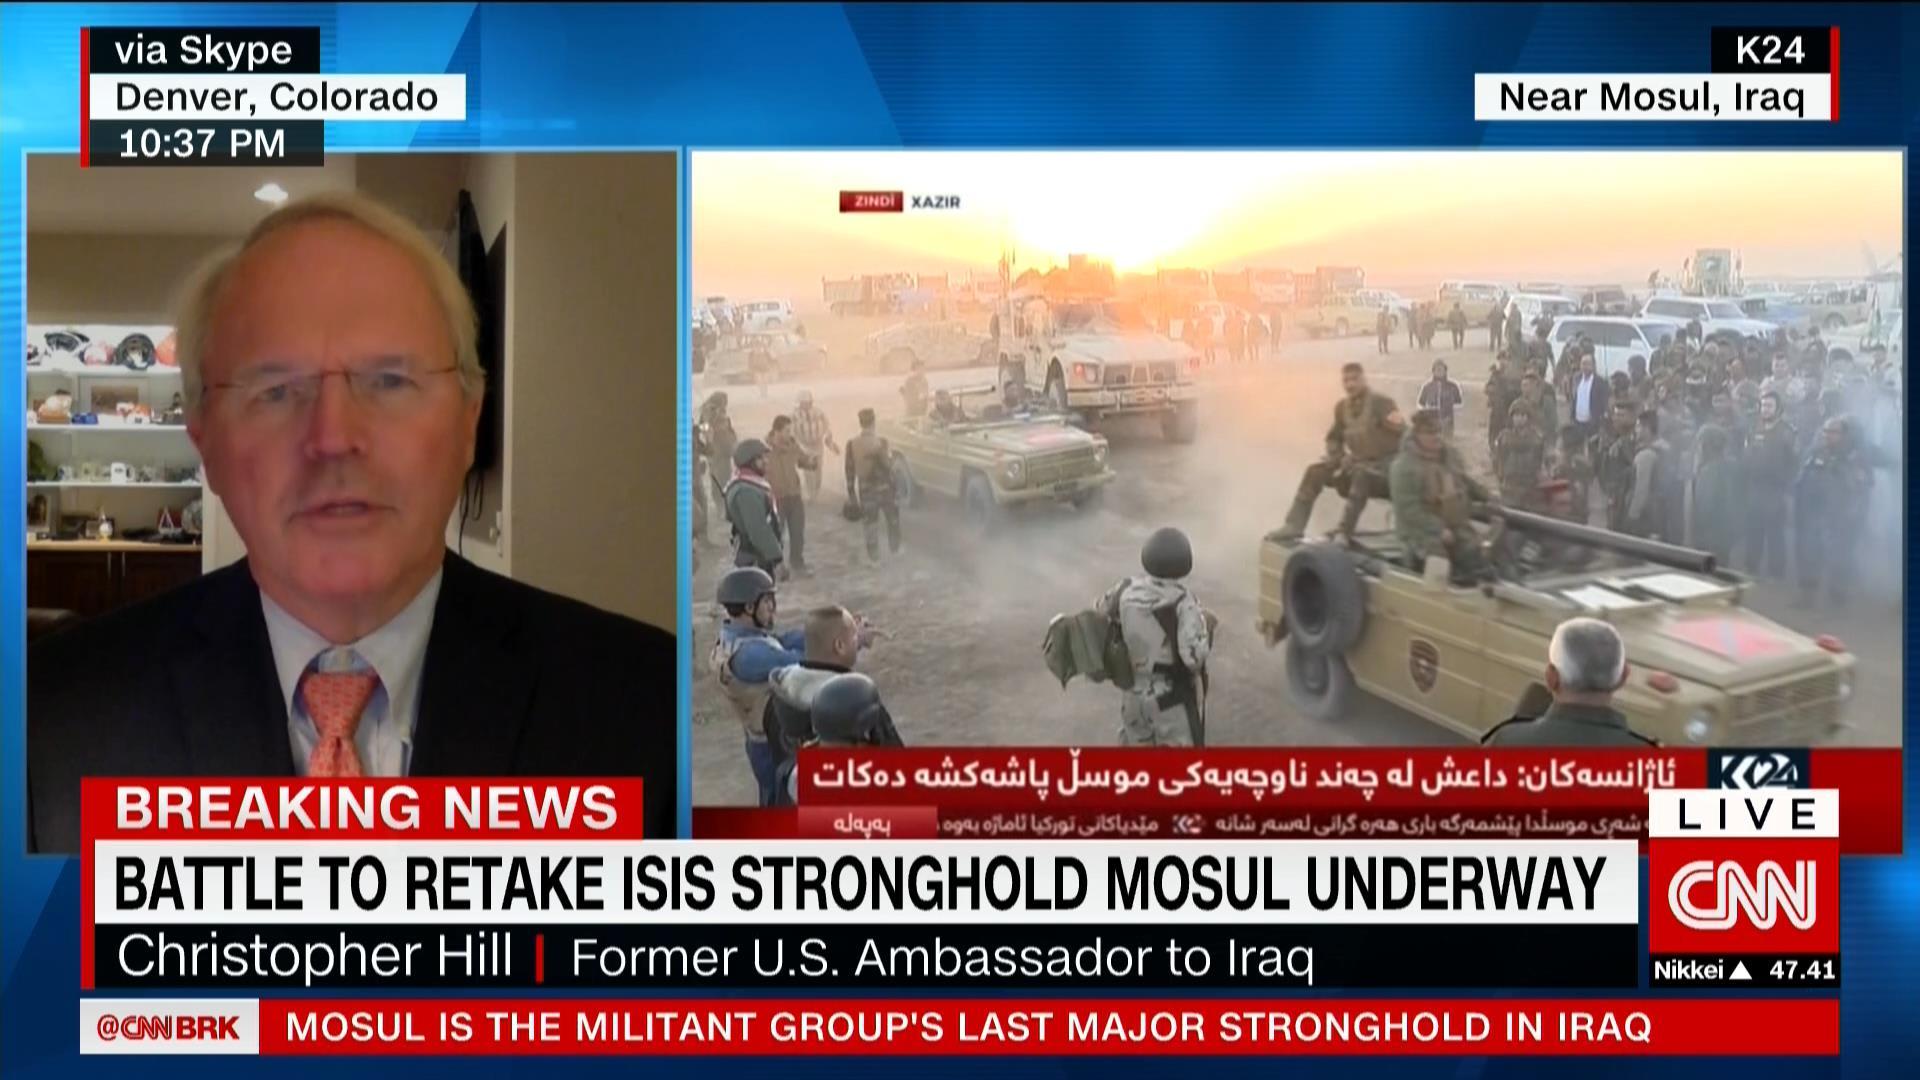 القيادة المركزية الأمريكية للتحالف الدولي ضد داعش: جميع القوات البرية بالموصل عراقية